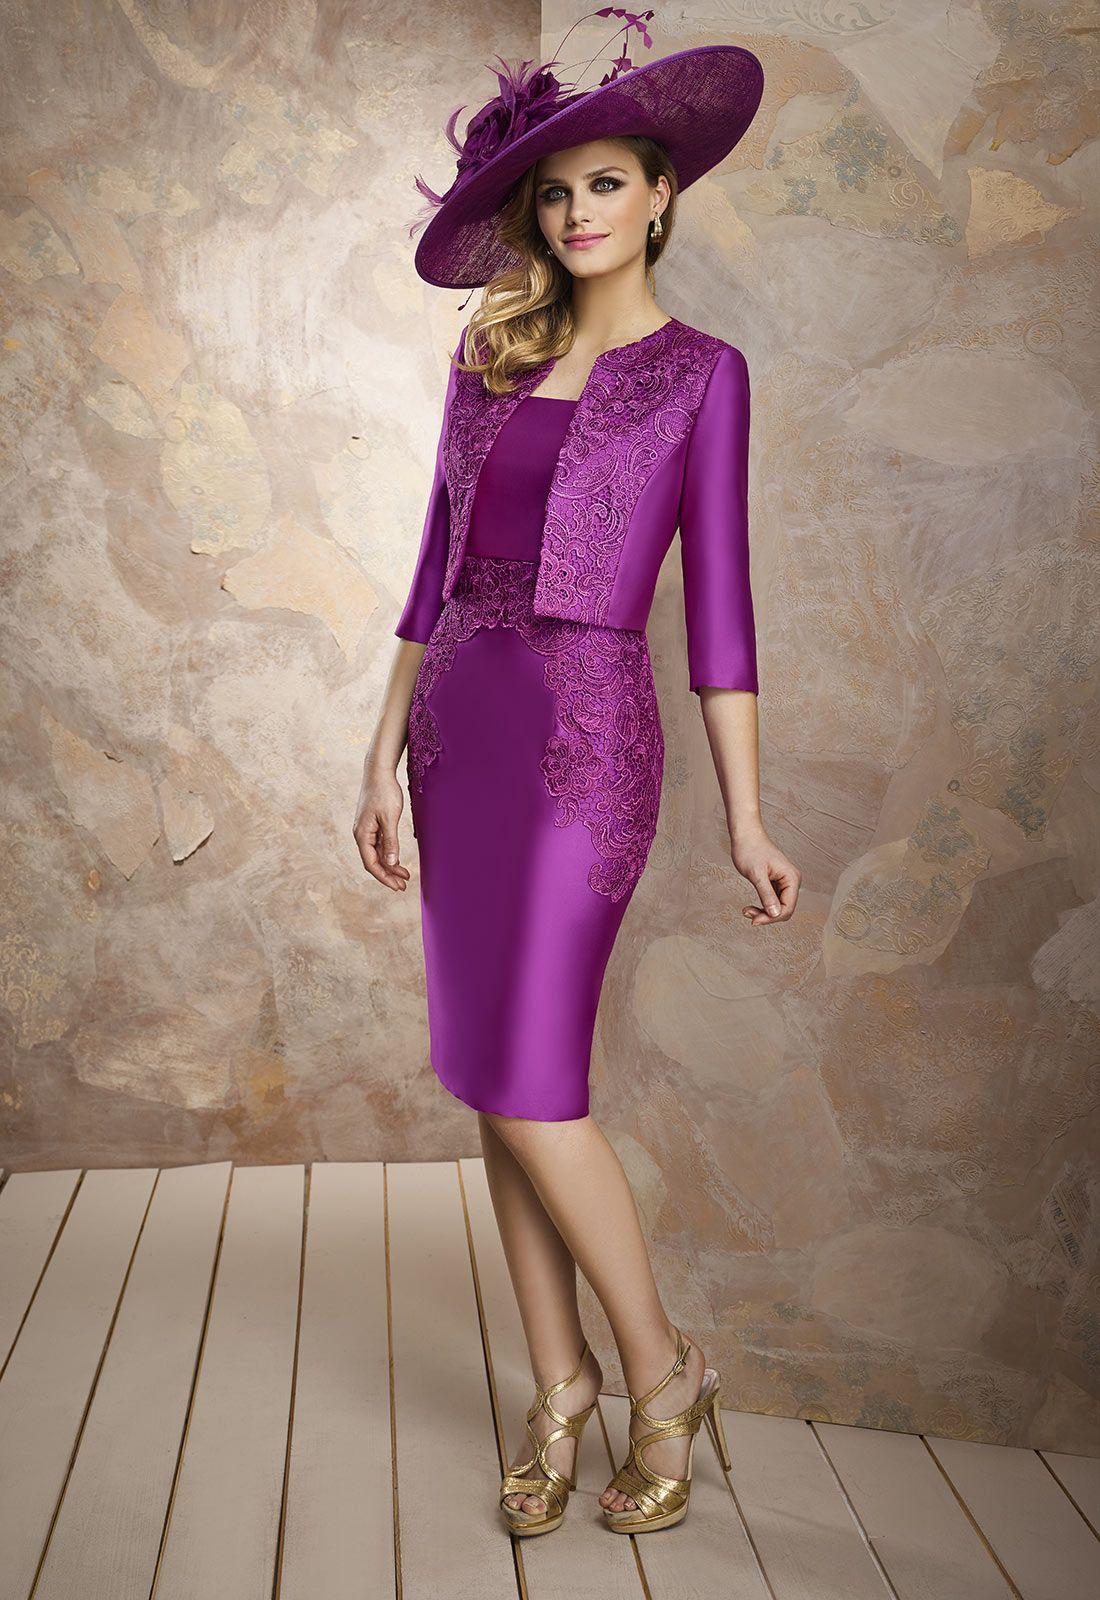 Asombroso Kate Moss Vestidos De Damas De Honor Motivo - Vestido de ...